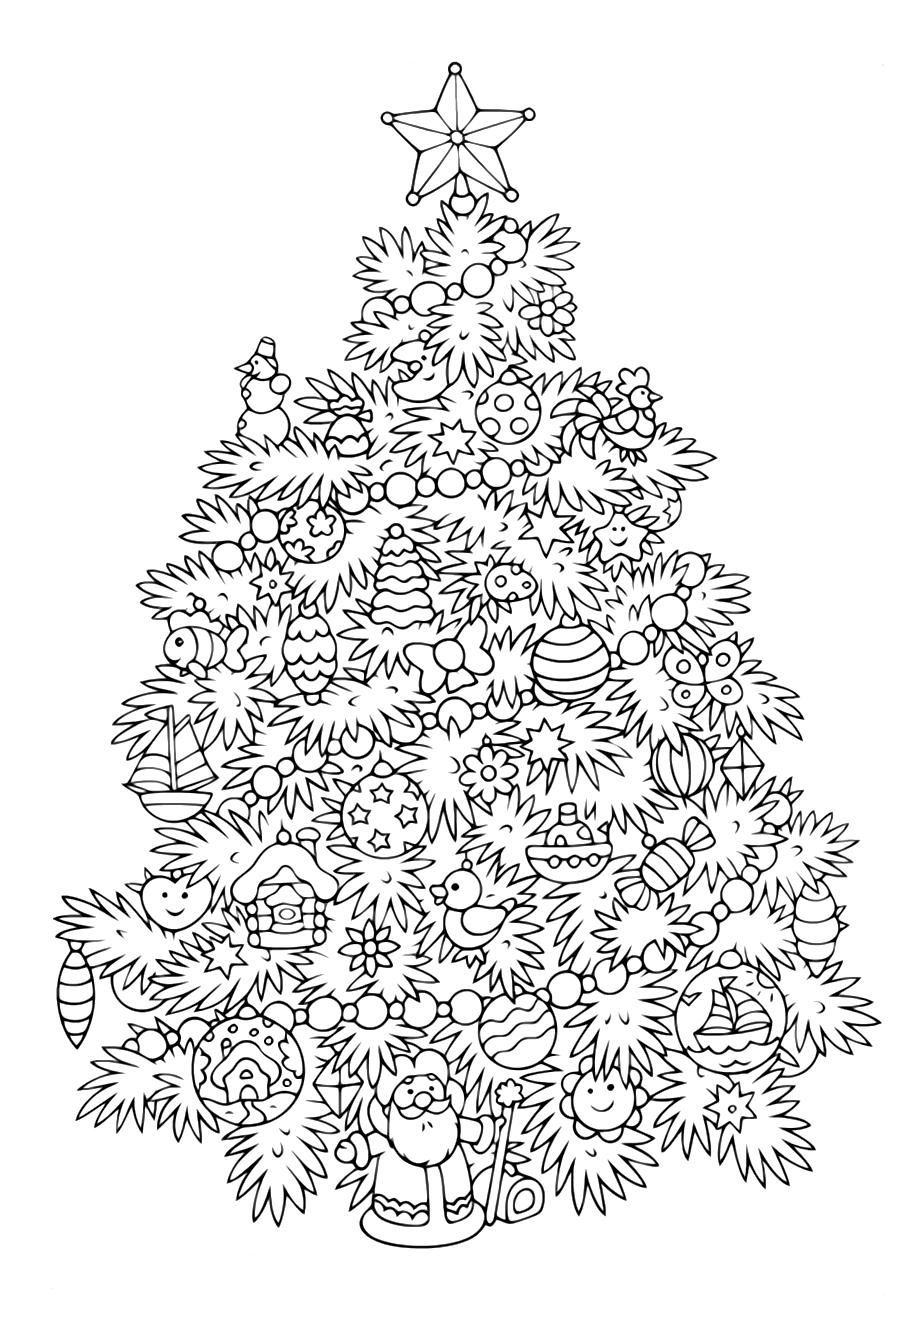 Елка с игрушками - Новый год - Раскраски антистресс